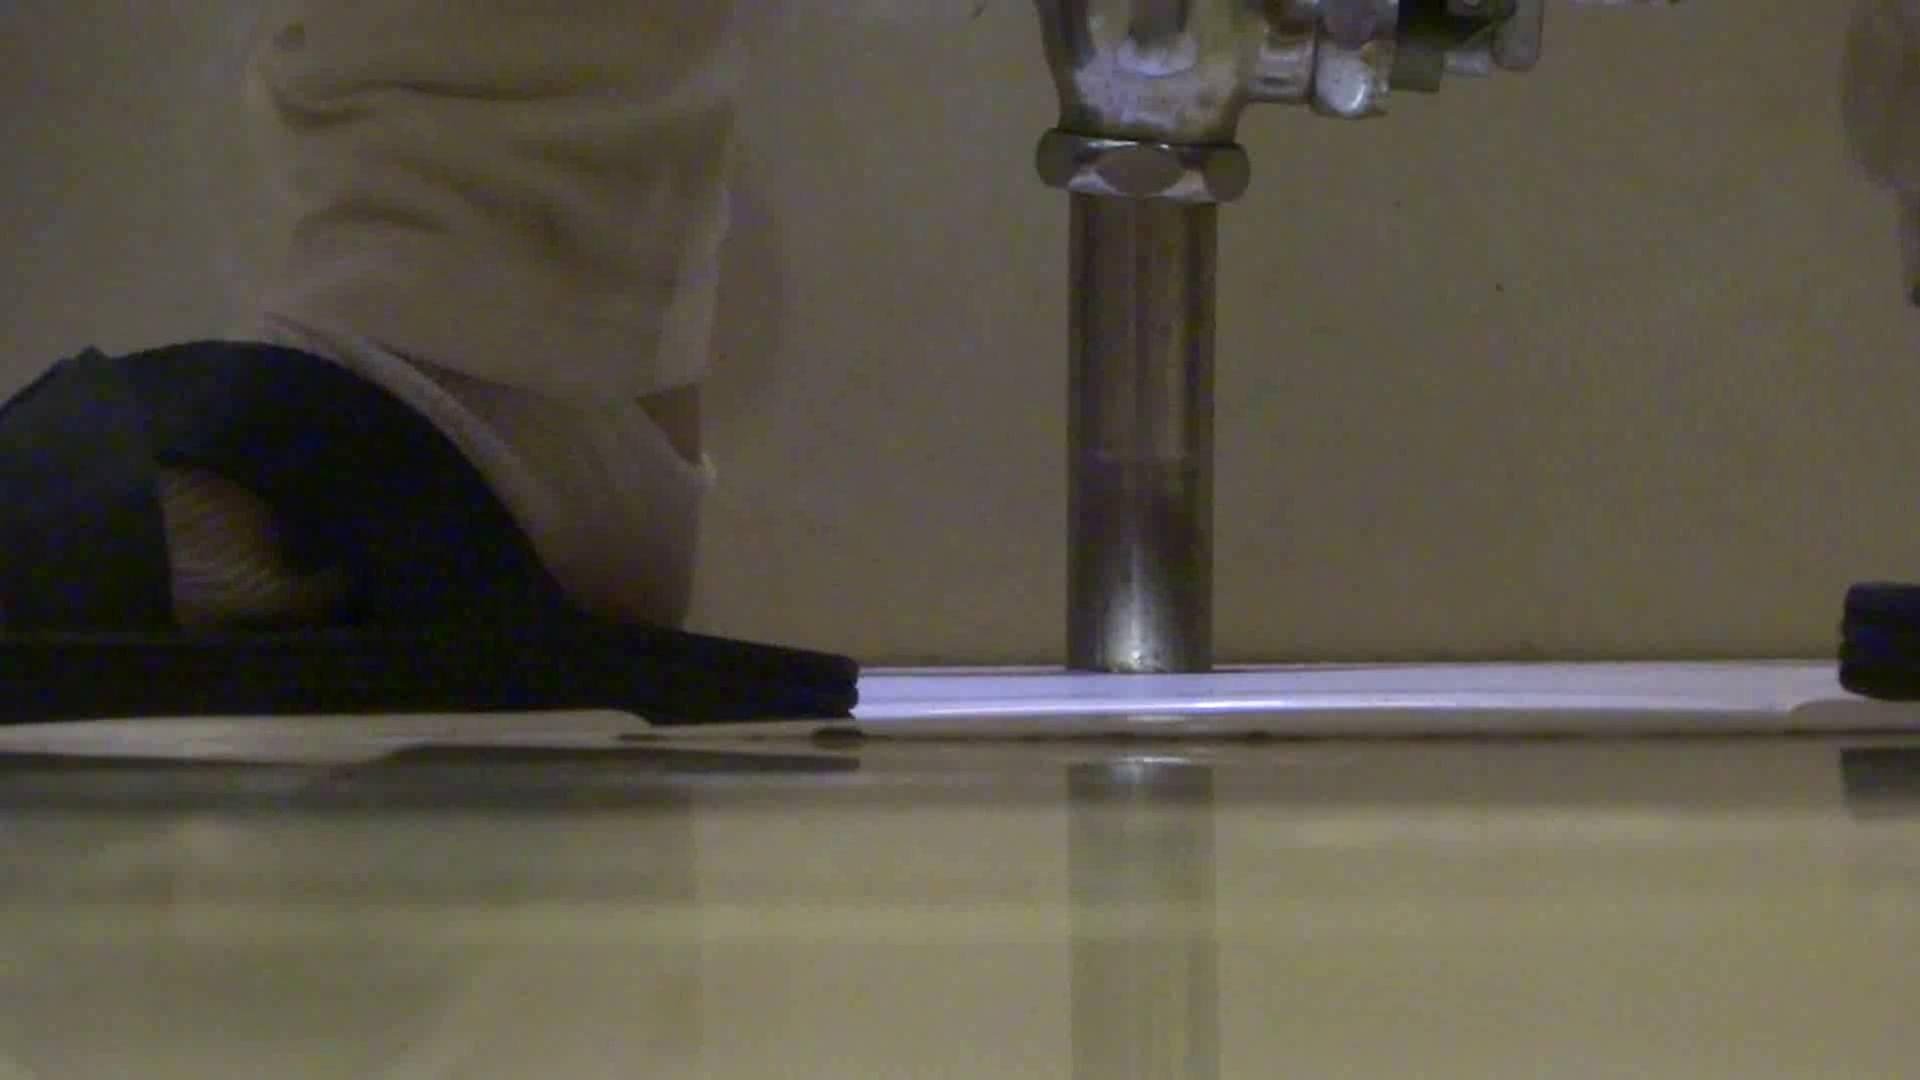 「噂」の国の厠観察日記2 Vol.15 OLのエロ生活 ぱこり動画紹介 75連発 38